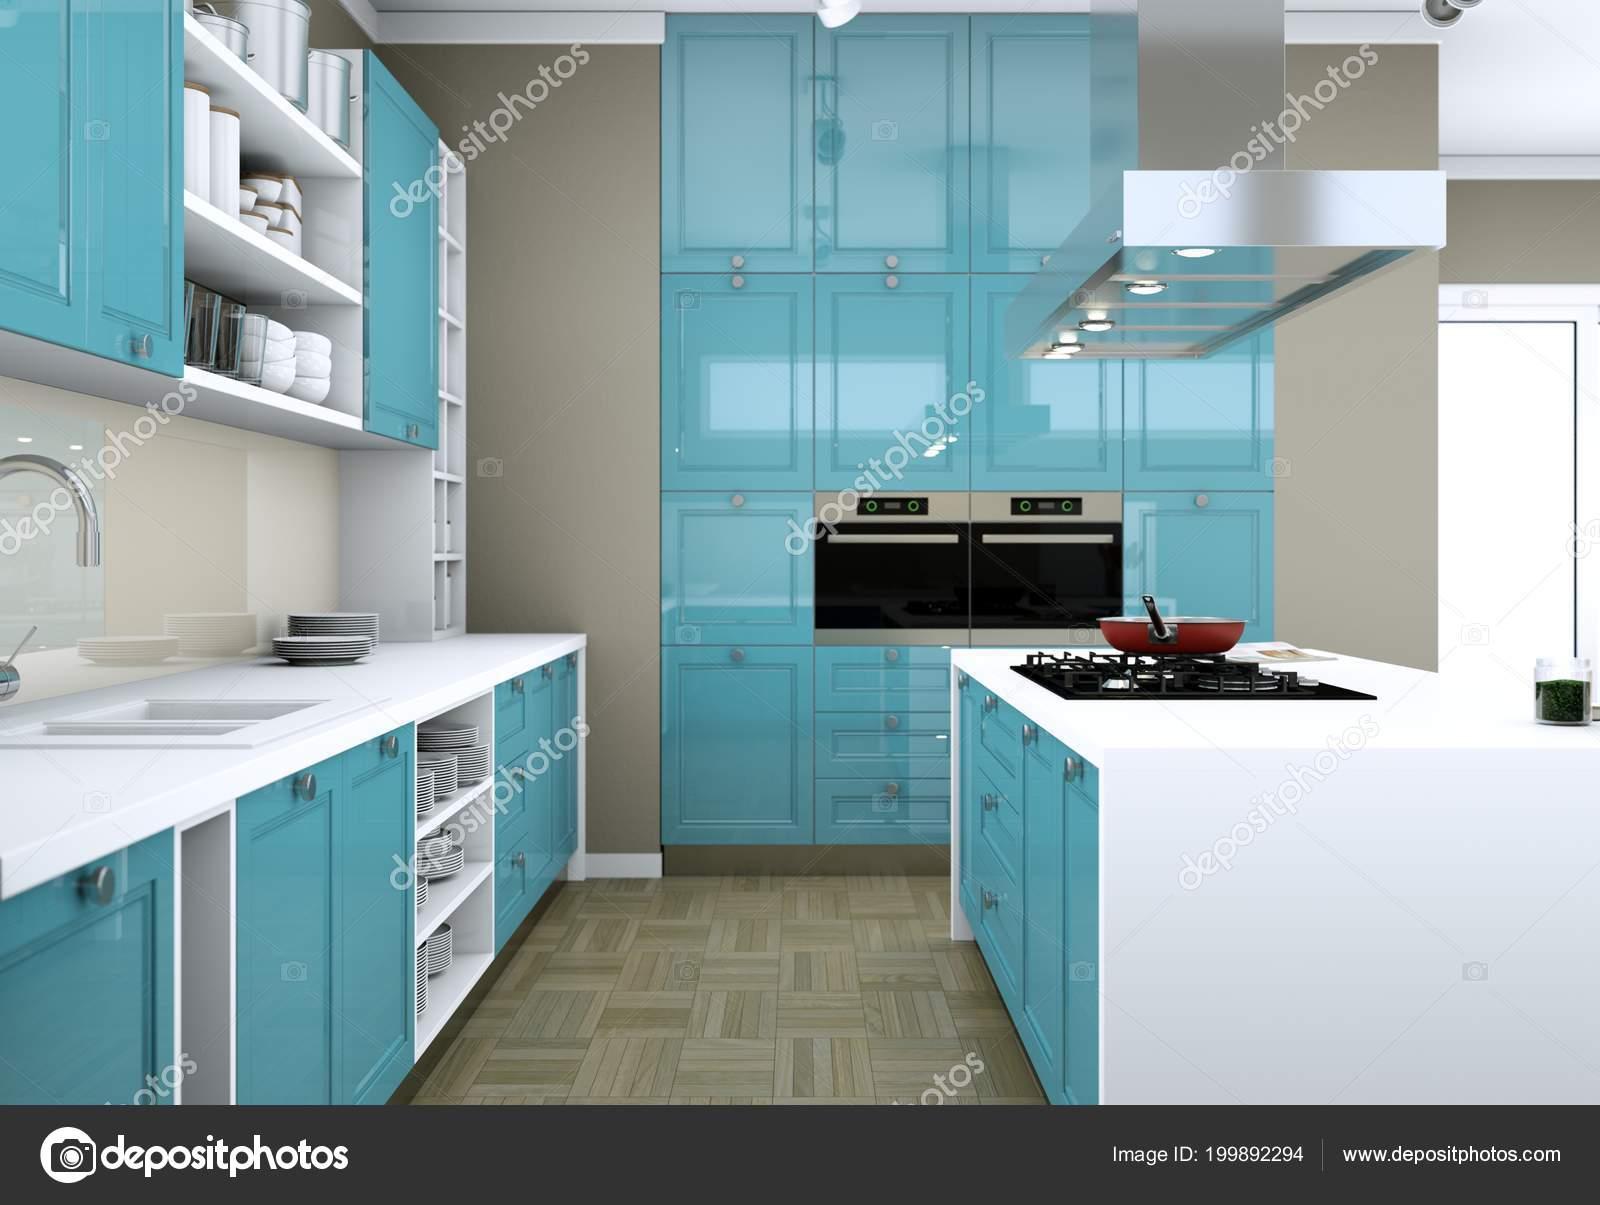 Cucina Blu Moderna.Cucina Moderna Blu In Un Piatto Con Un Bel Design Foto